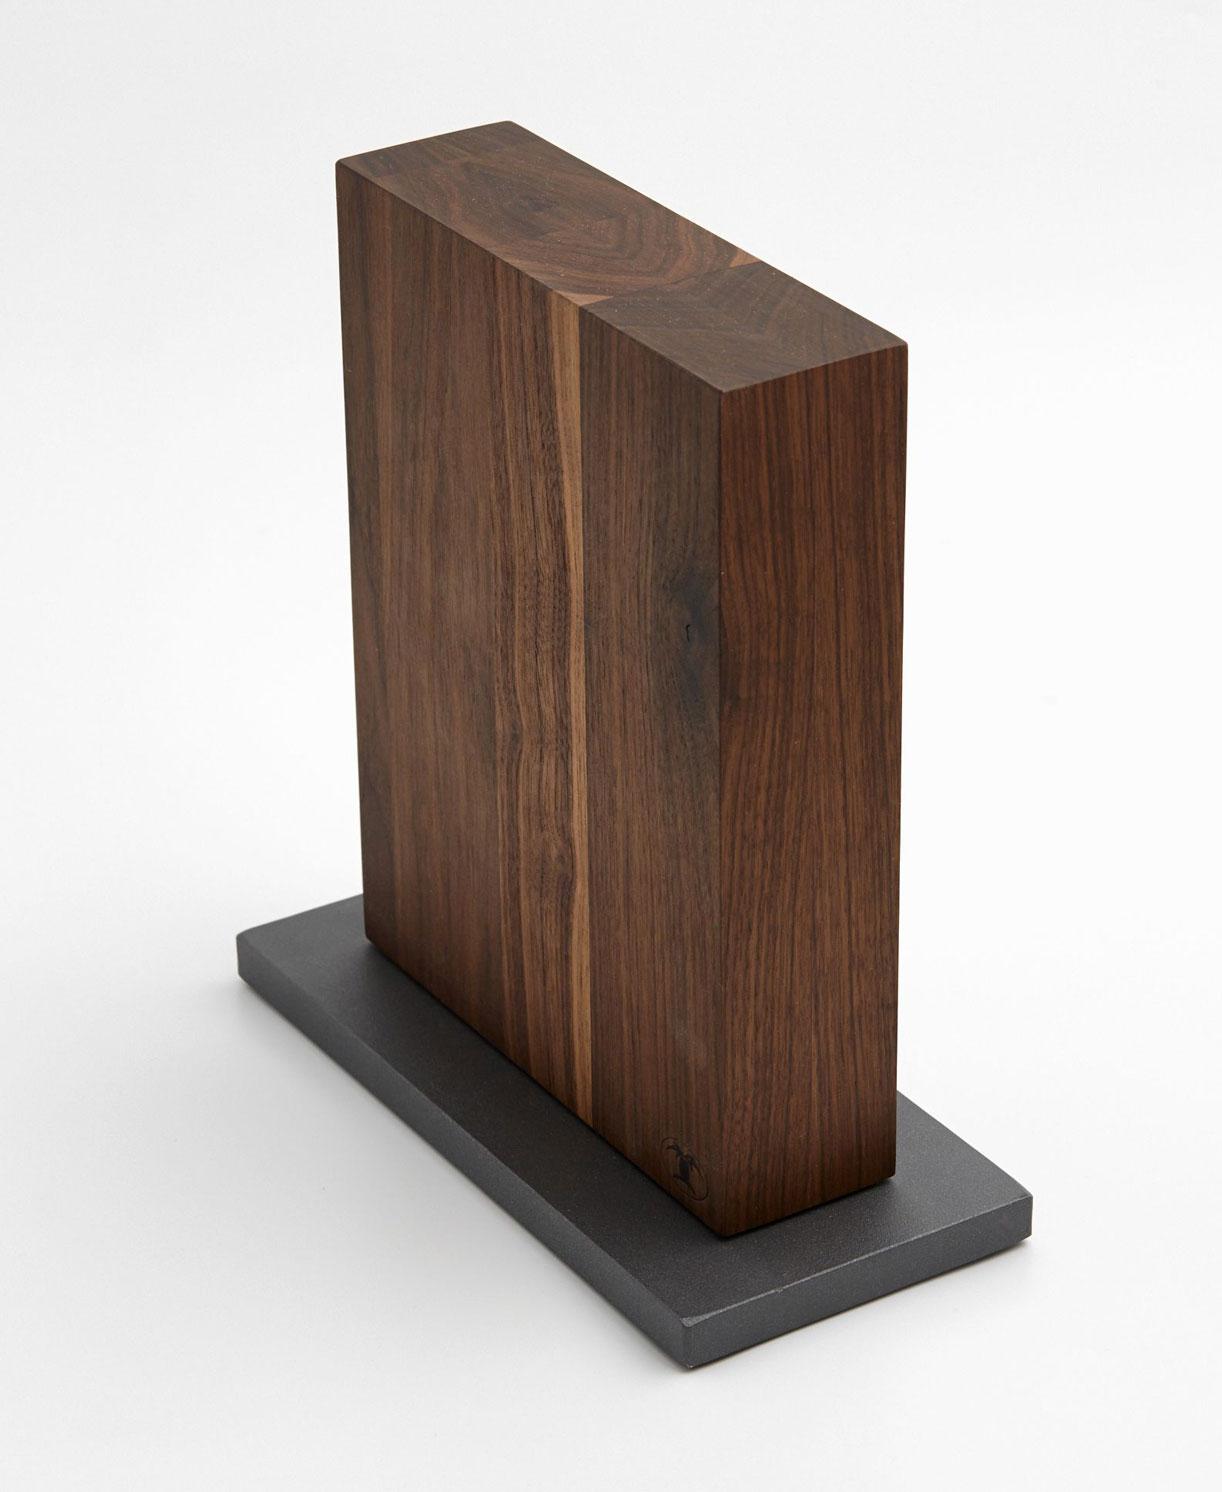 » magnetmesser » Magnetblock-Nussbaum.jpg